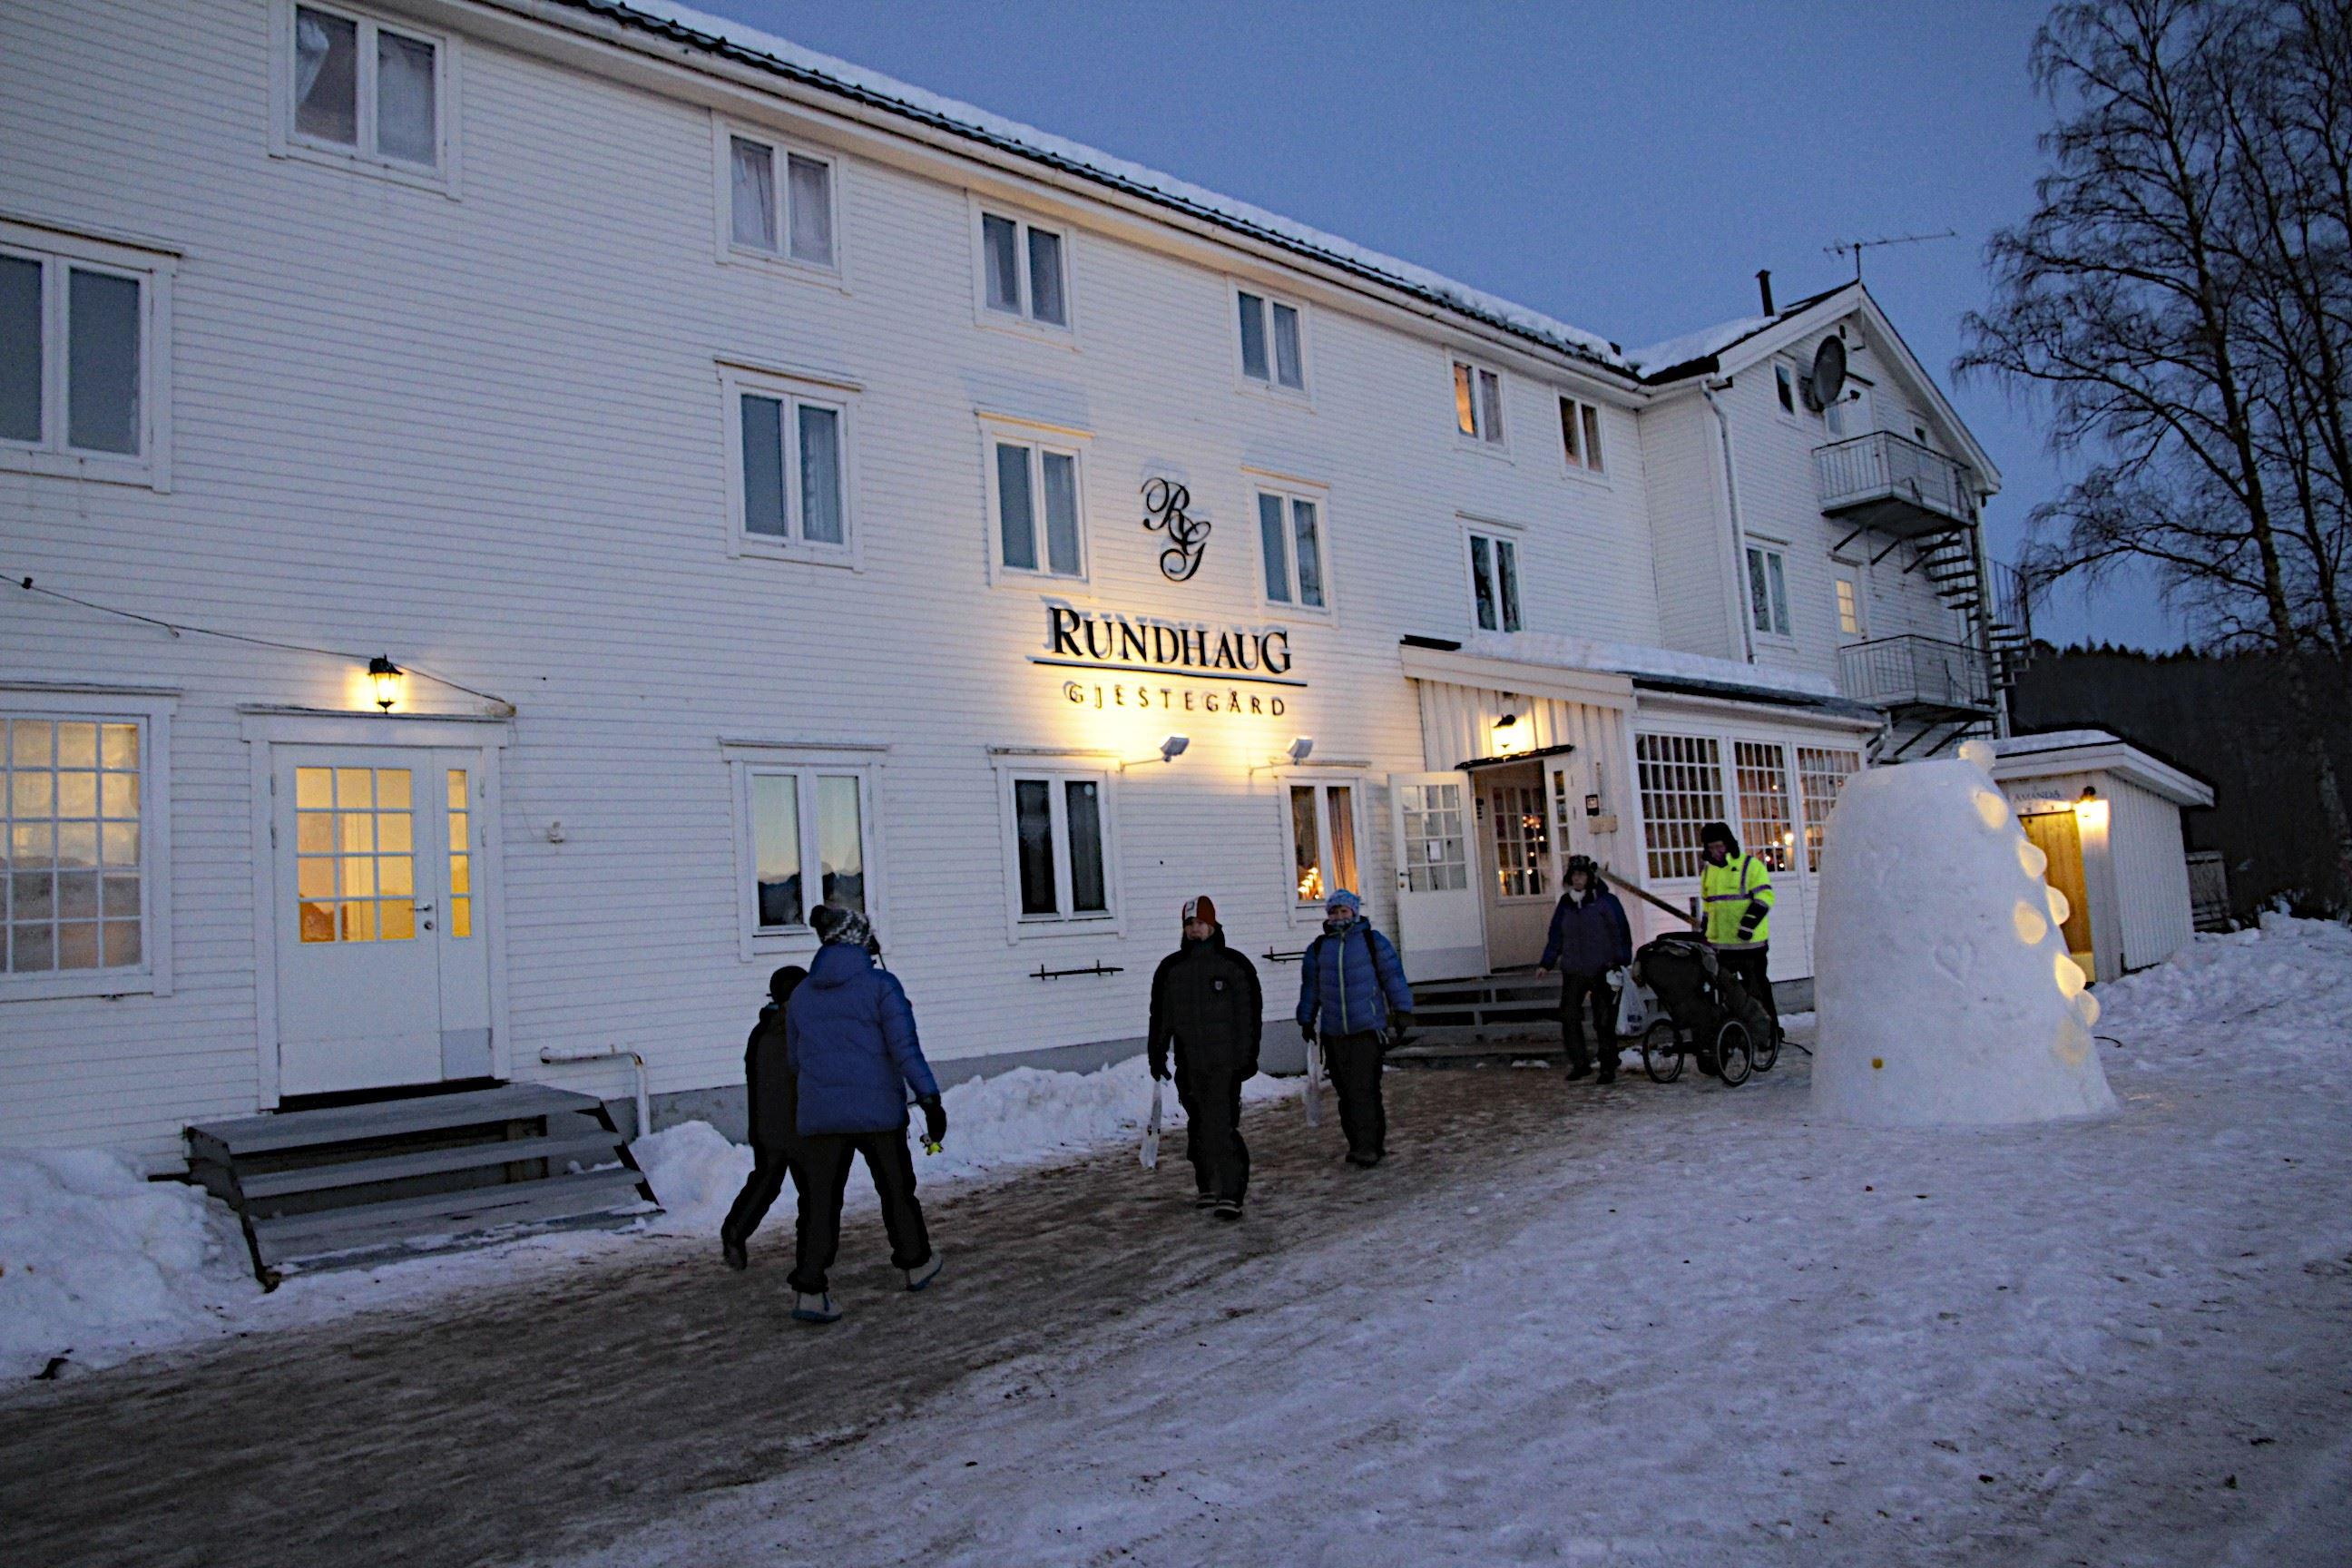 Snowman - Stay at Rundhaug Gjestegård – Destination Snowman